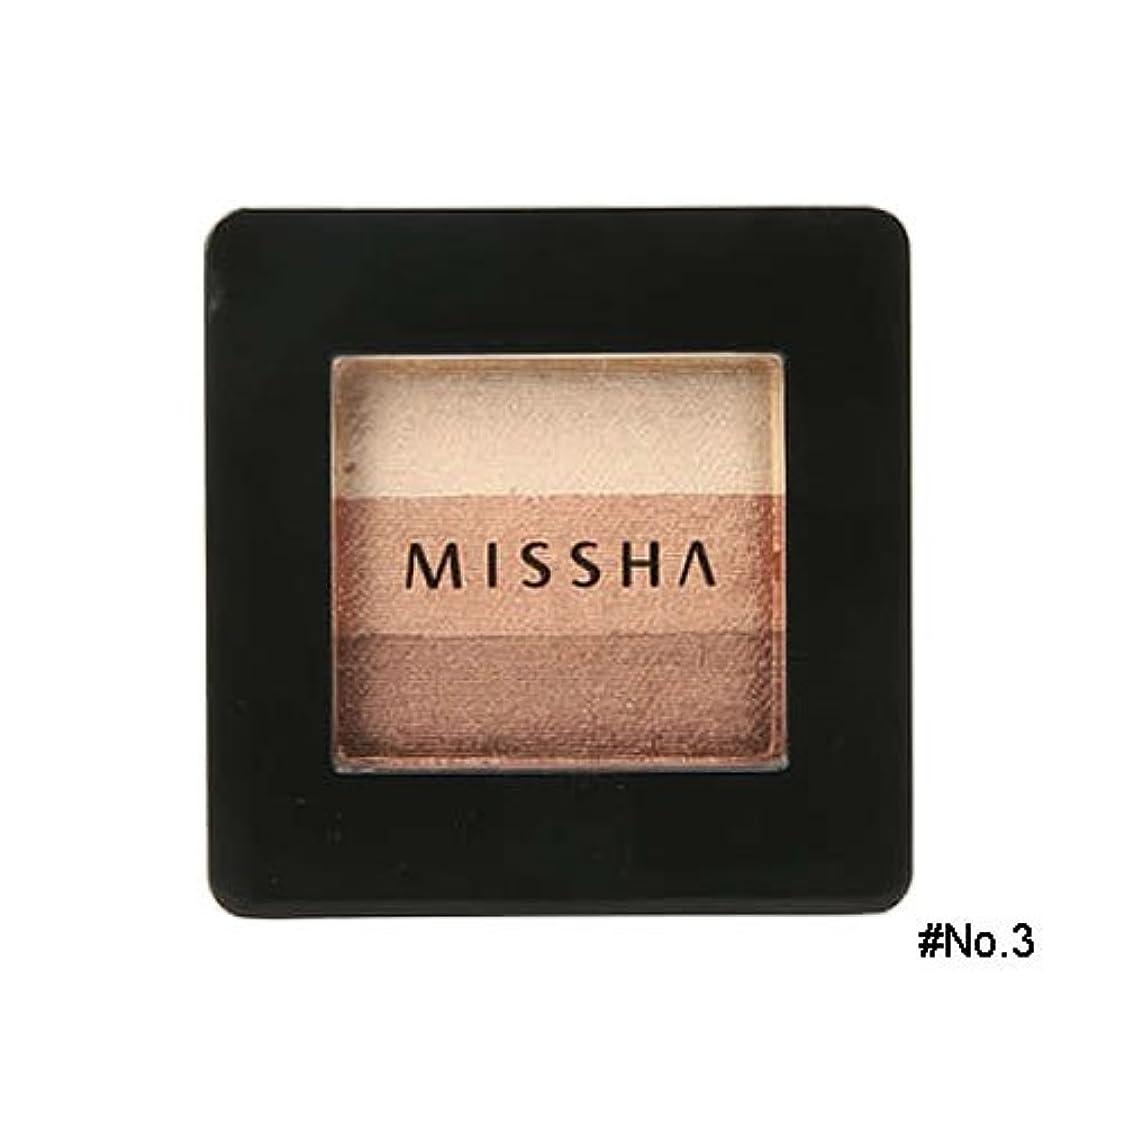 代わりに放棄する頻繁にミシャ(MISSHA) トリプルシャドウ 2g No.3(モカベージュ) [並行輸入品]